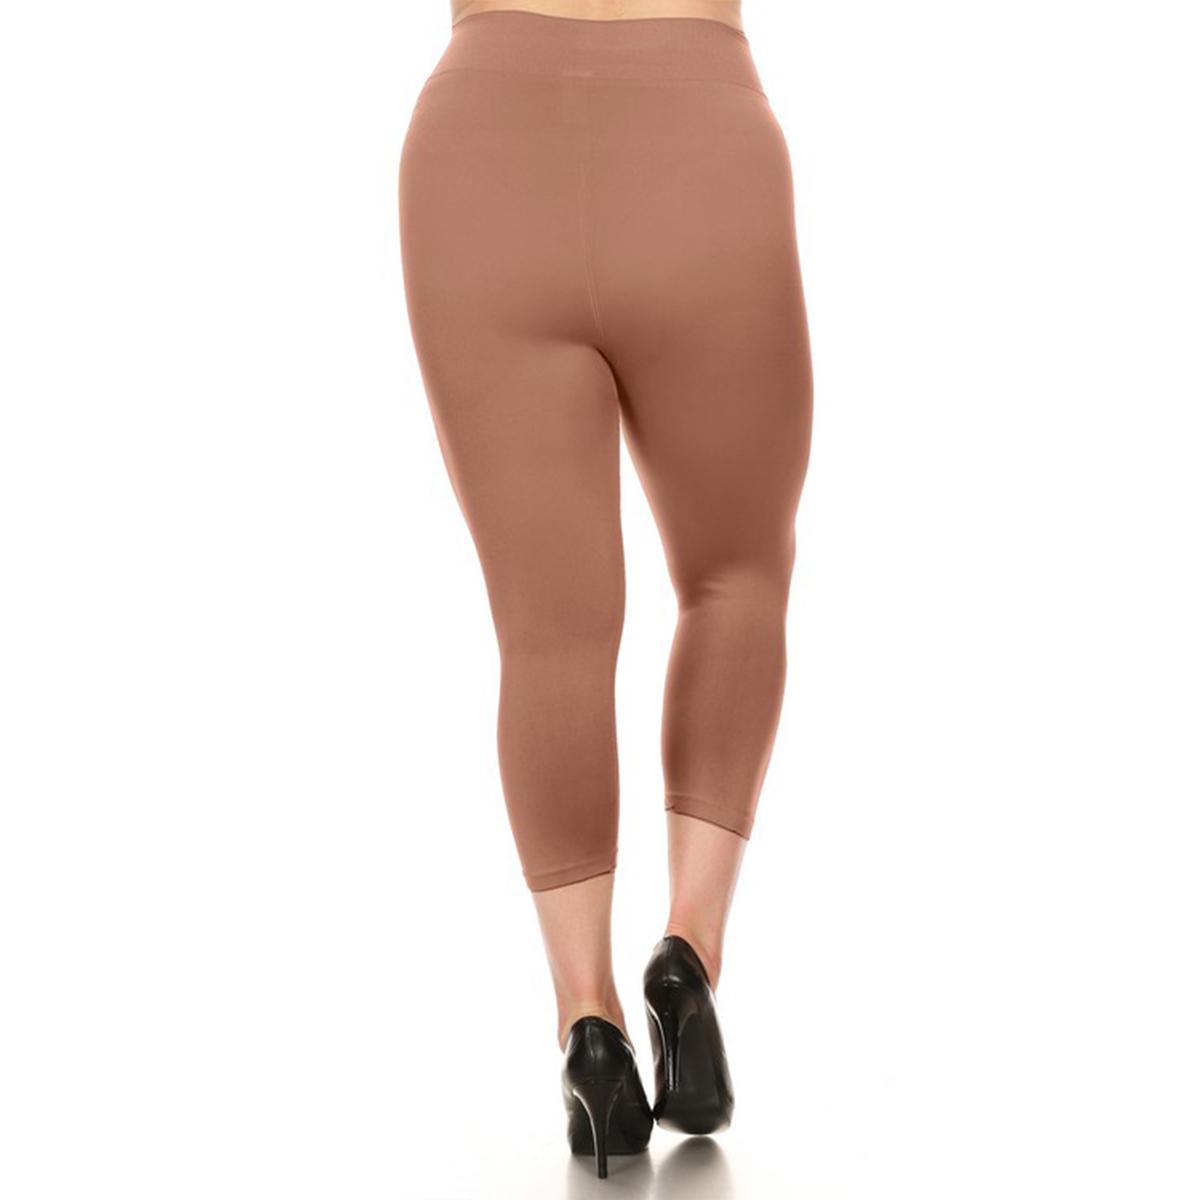 miniature 28 - Femmes Grande Taille Capri Leggings Court Stretch Pantalon Basique Solide Pour